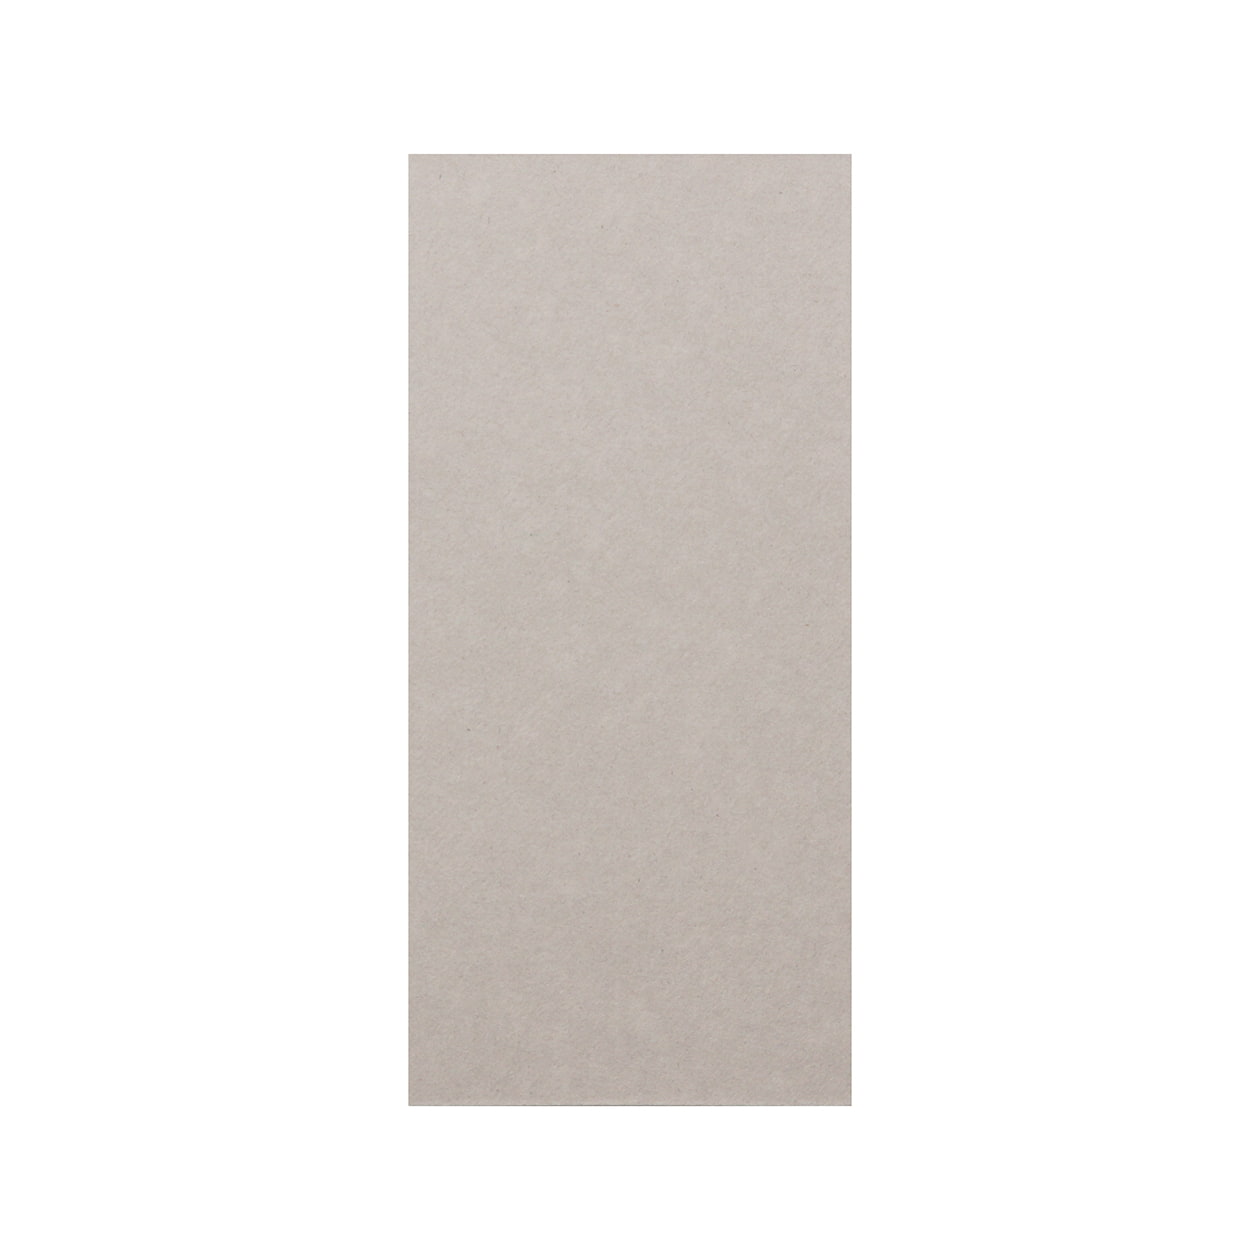 サンプル カード・シート 00280